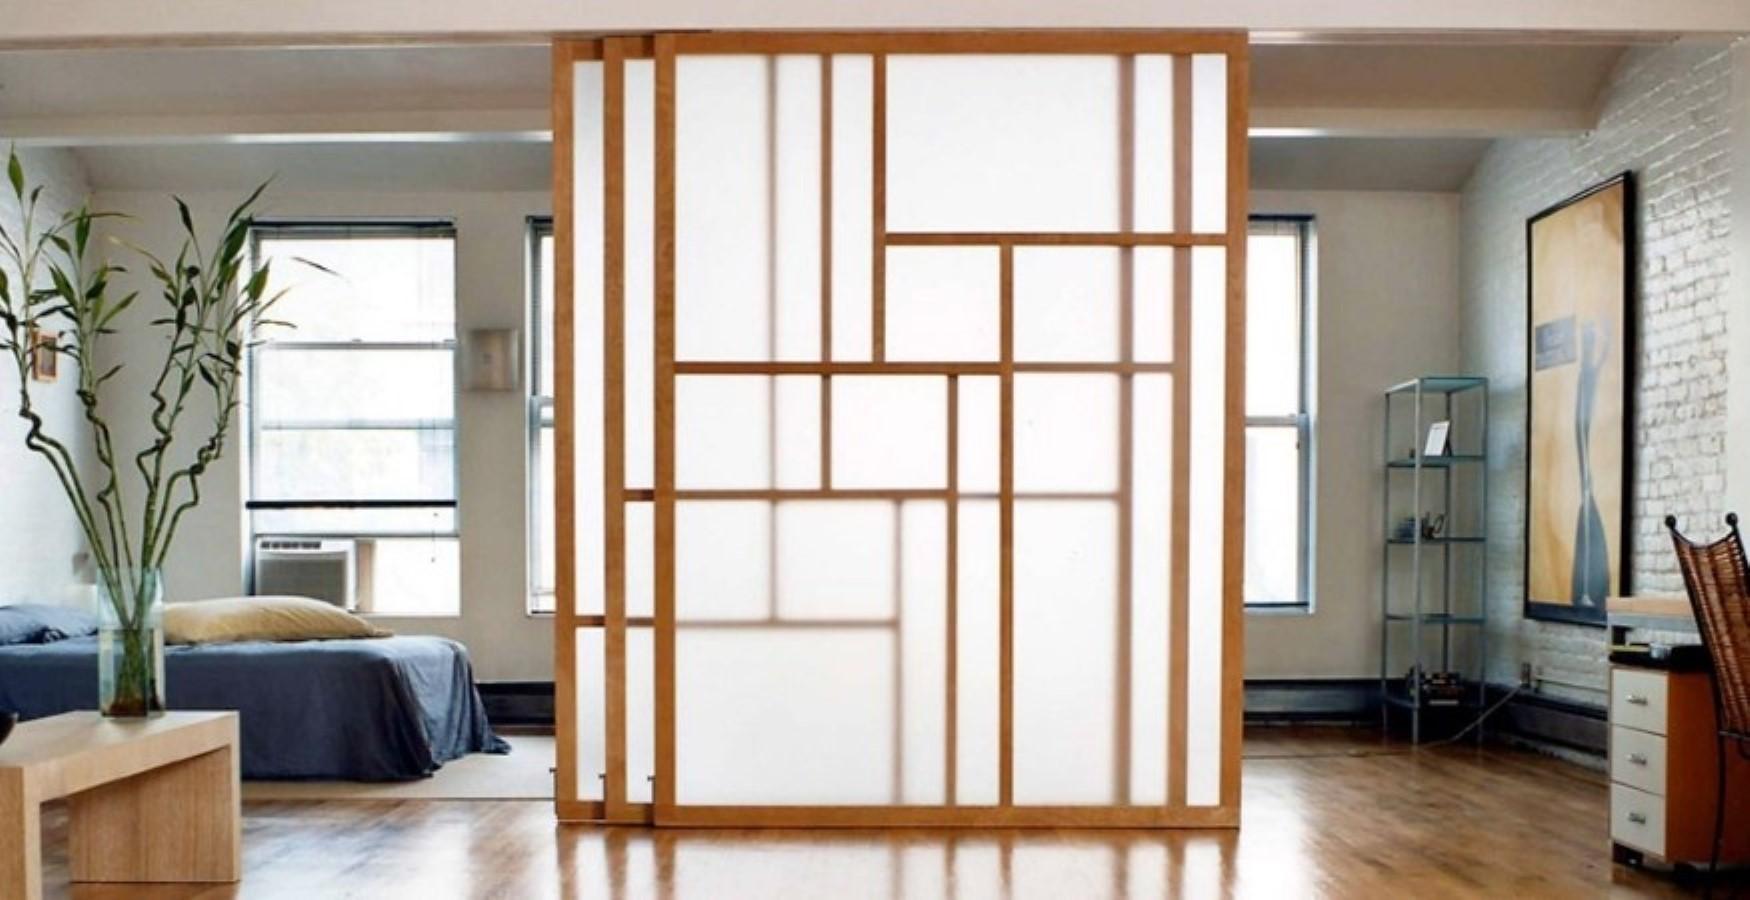 Передвижные двери перегородки в квартире фото пай выглядит